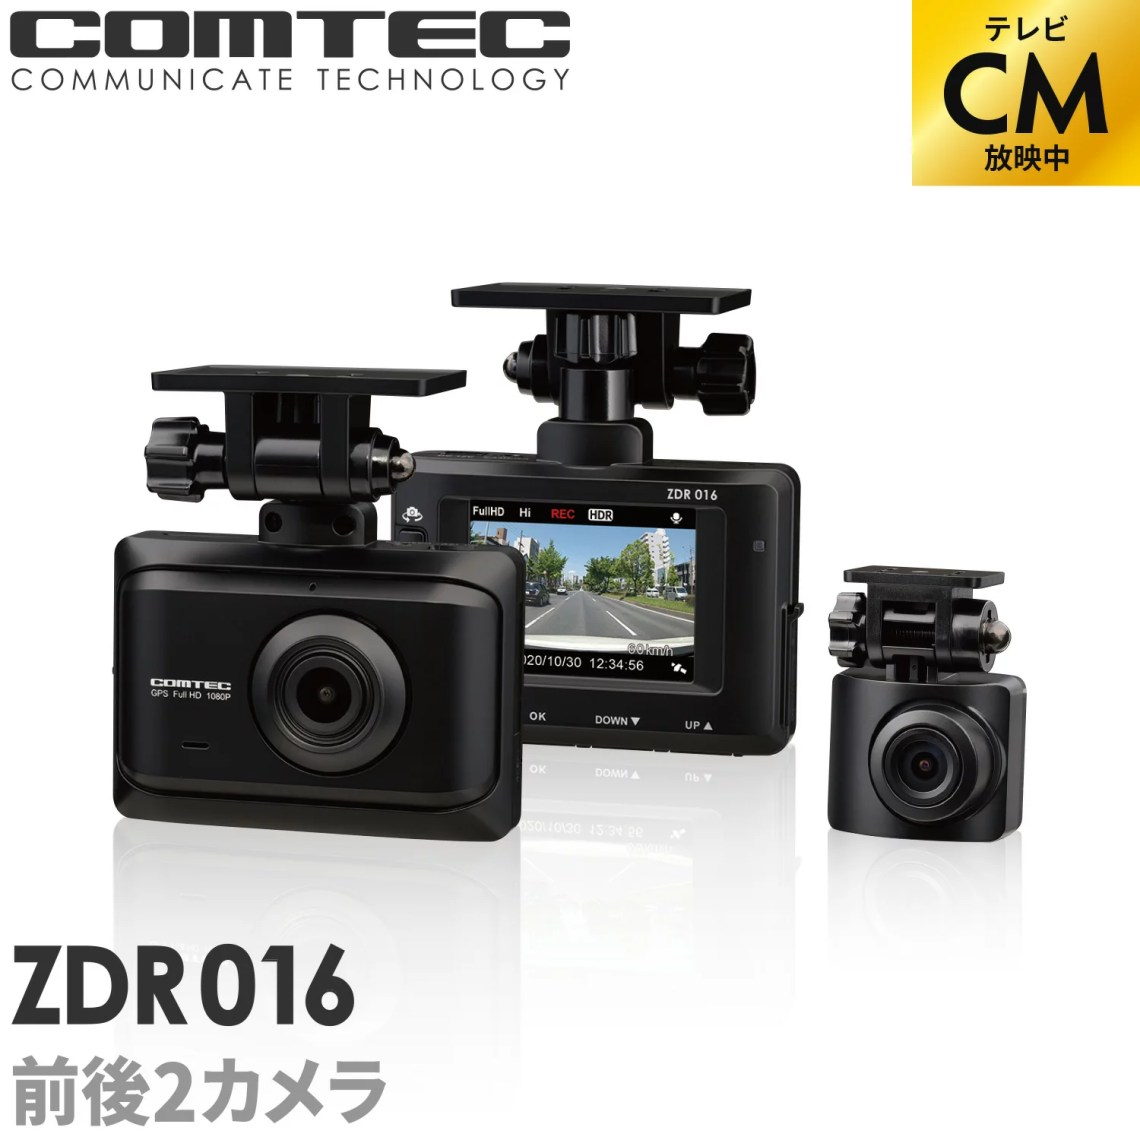 ドライブレコーダー 前後2カメラ コムテック ZDR016 ノイズ対策済 フルHD高画質 常時 衝撃